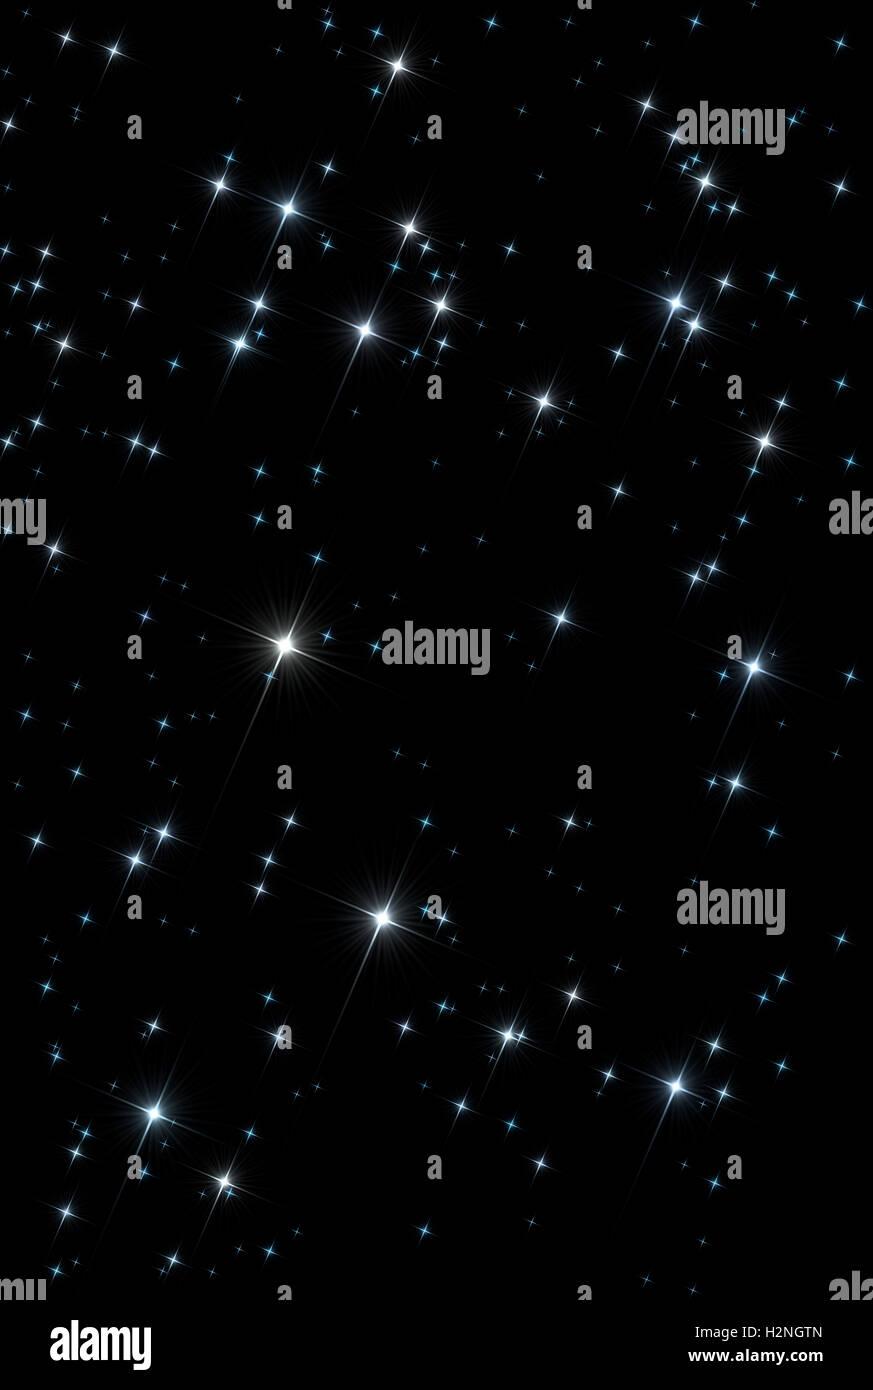 Spazio astratto universo background: modello di scintillanti stelle scintillanti isolato su sfondo nero. Immagini Stock